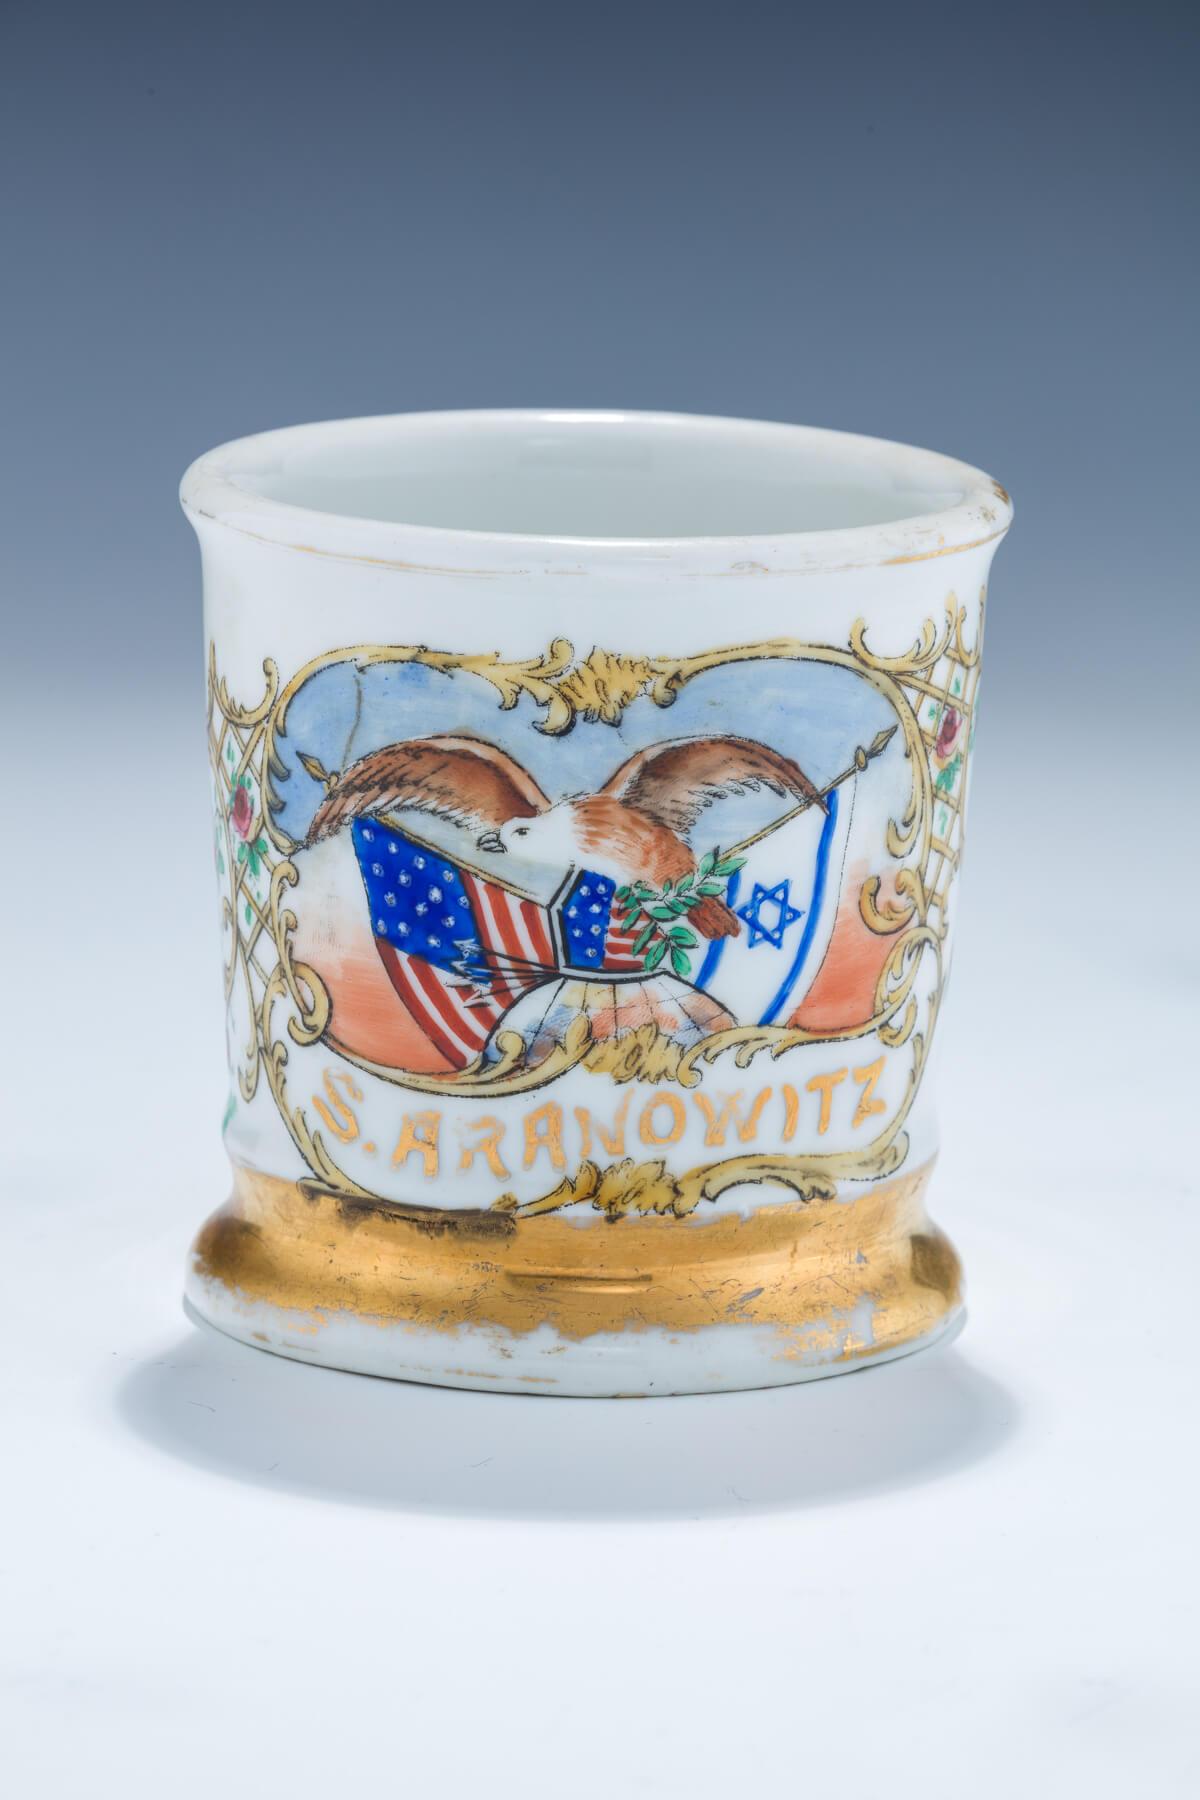 19. A Ceramic Mustache Cup